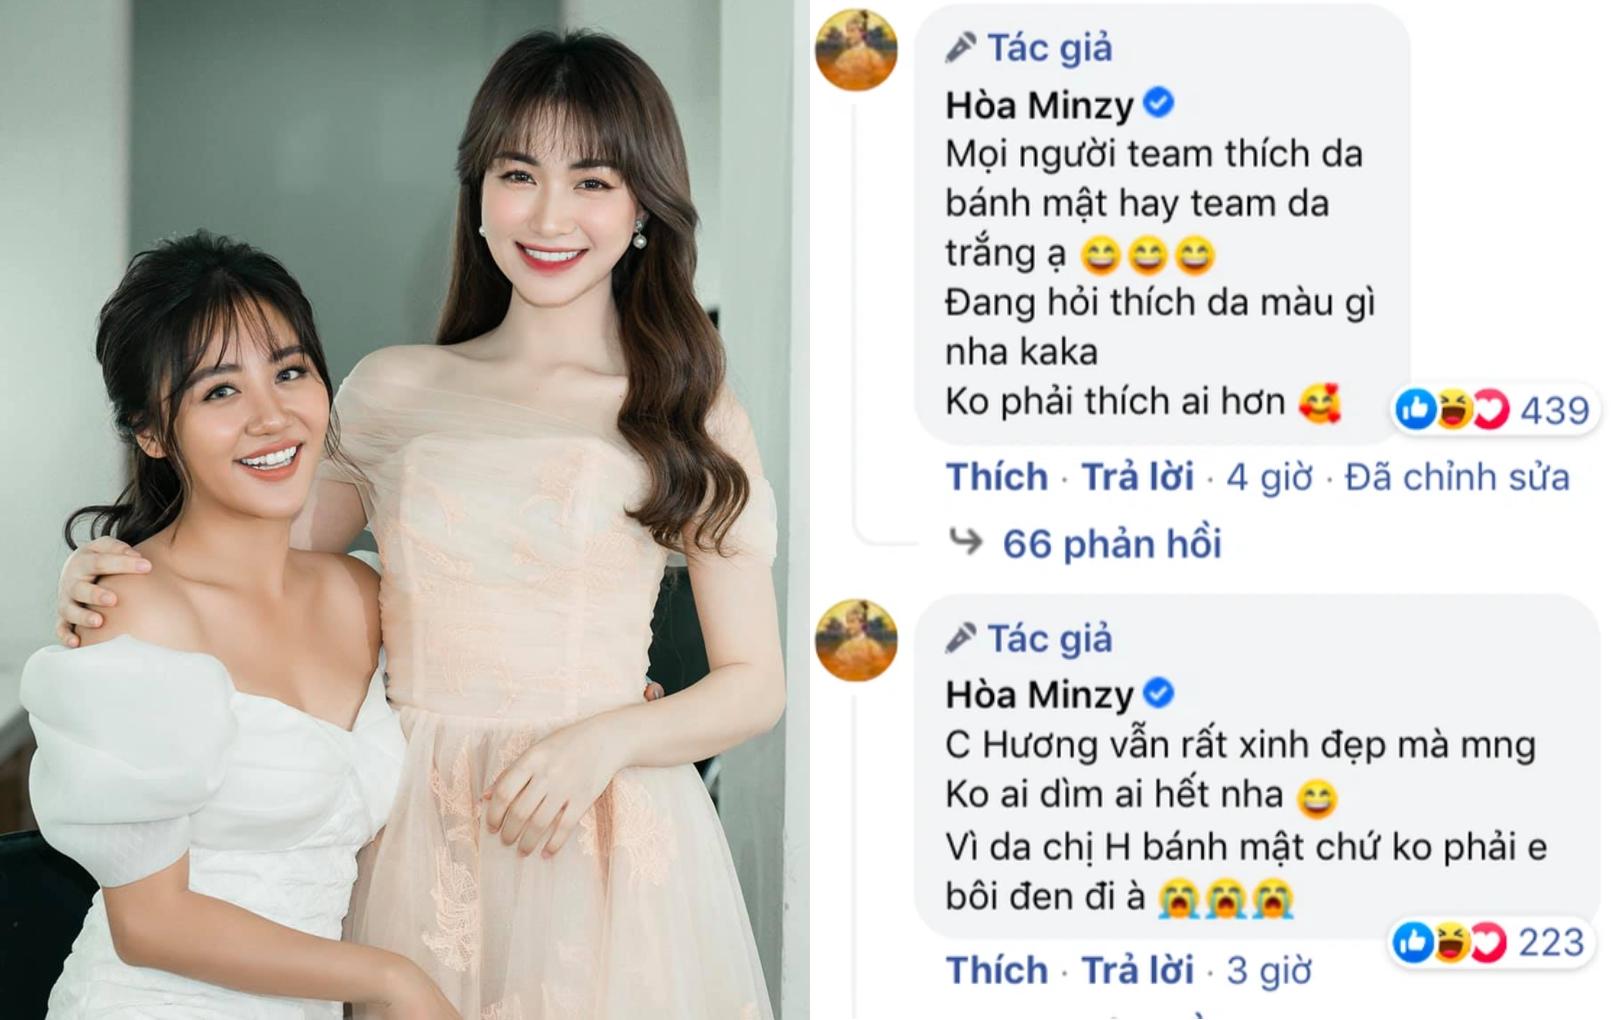 """Hòa Minzy vội vã đính chính khi bị nghi cố tình """"dìm hàng"""" Văn Mai Hương"""